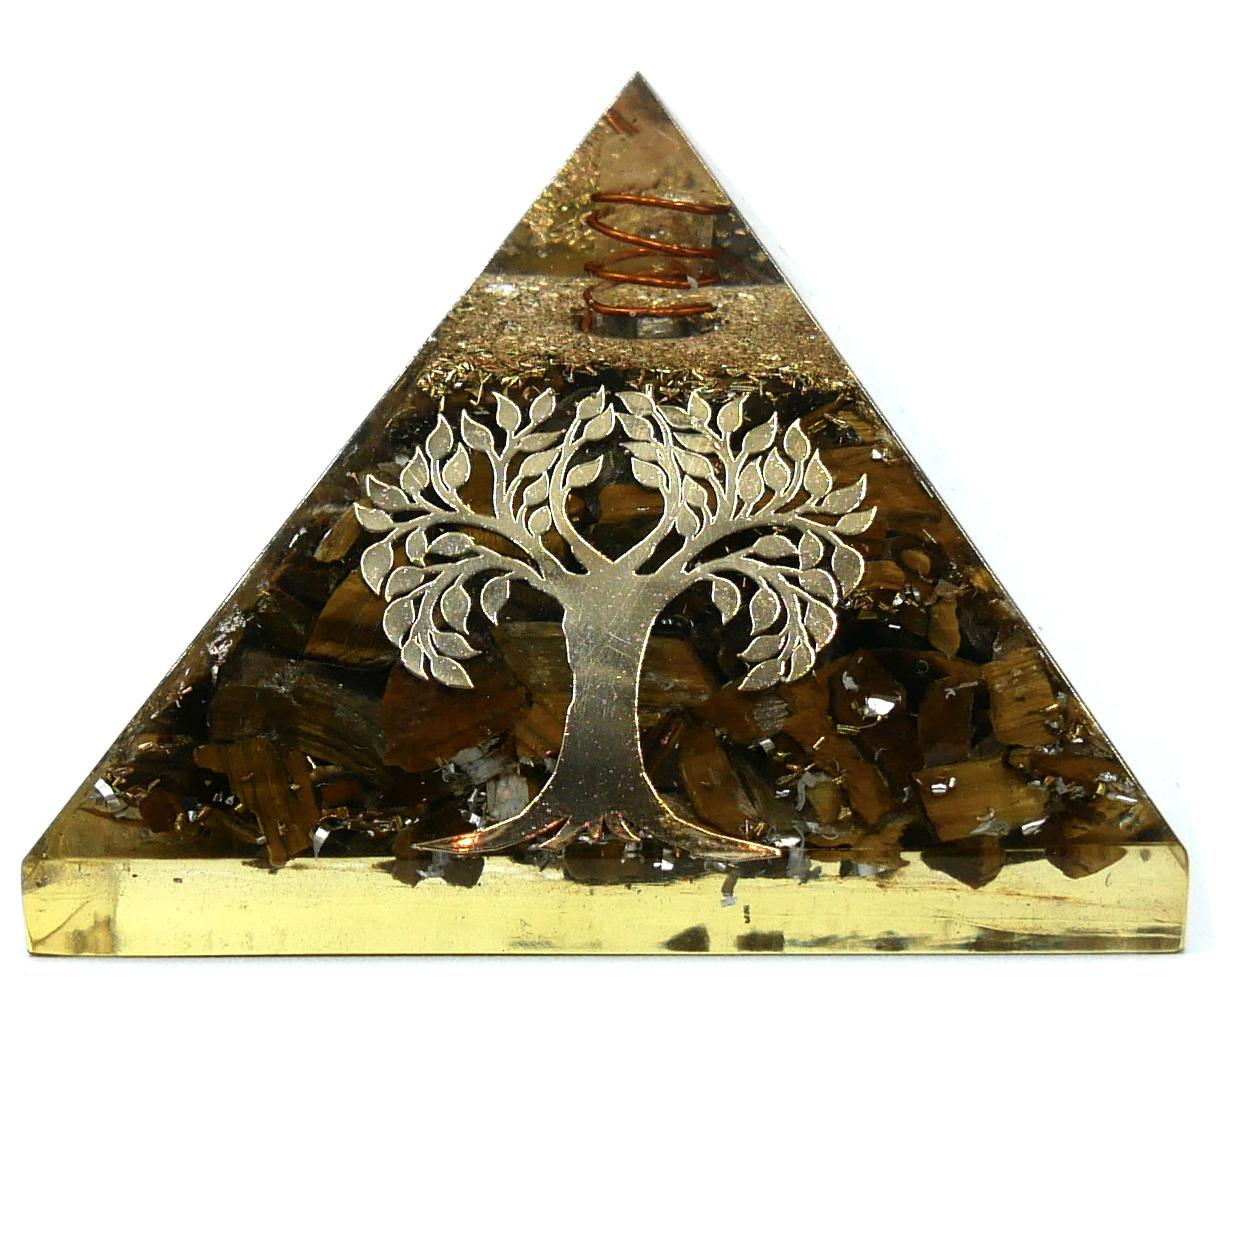 Pyramide Orgonite en Oeil de Tigre - Arbre de Vie Image